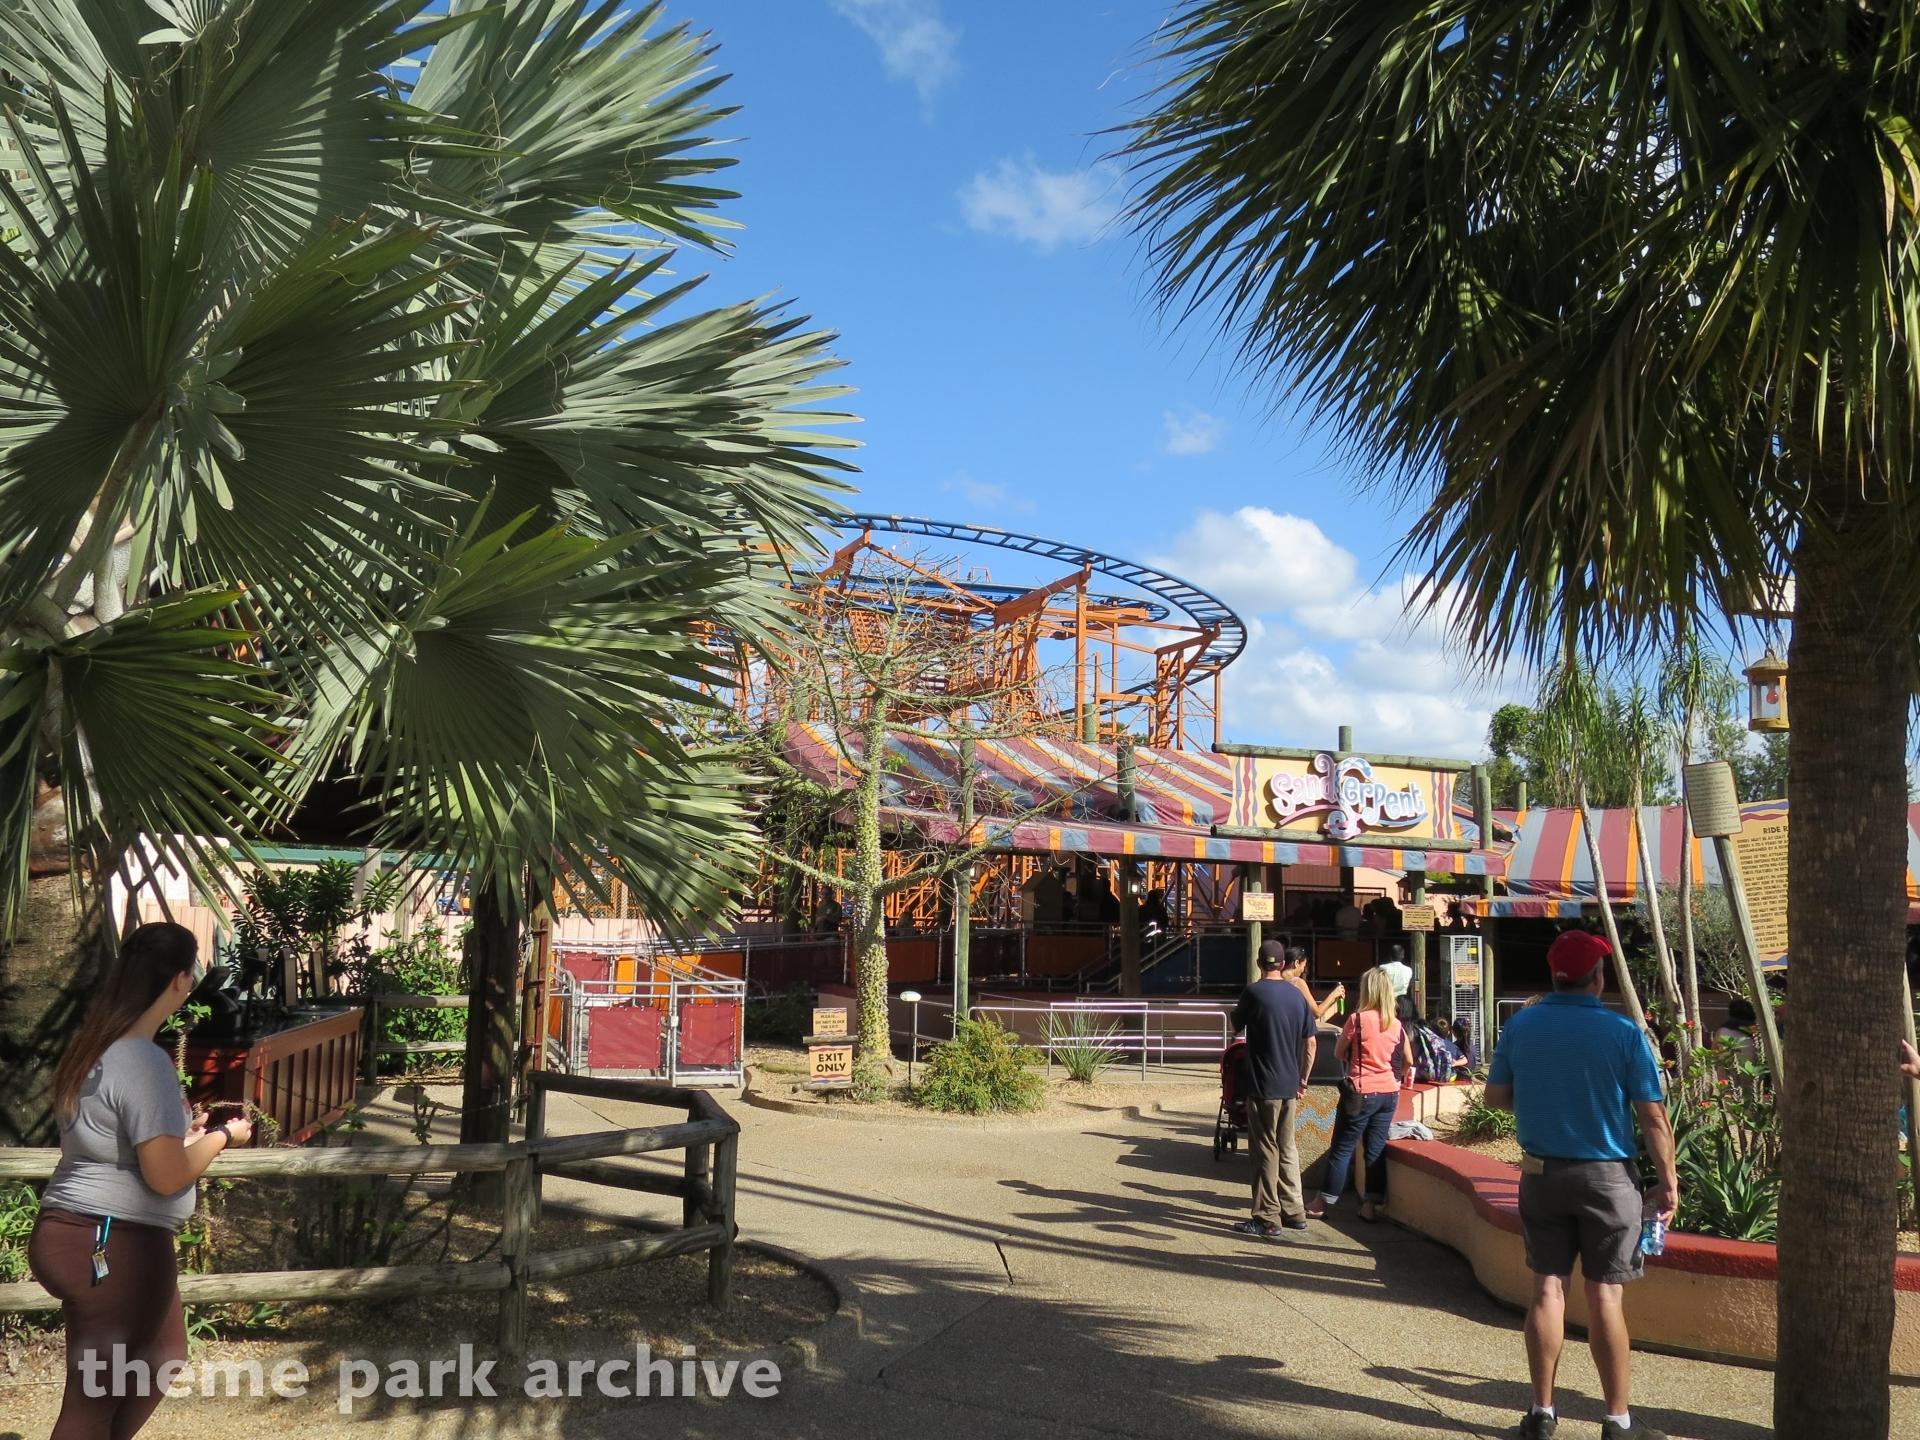 SandSerpent at Busch Gardens Tampa